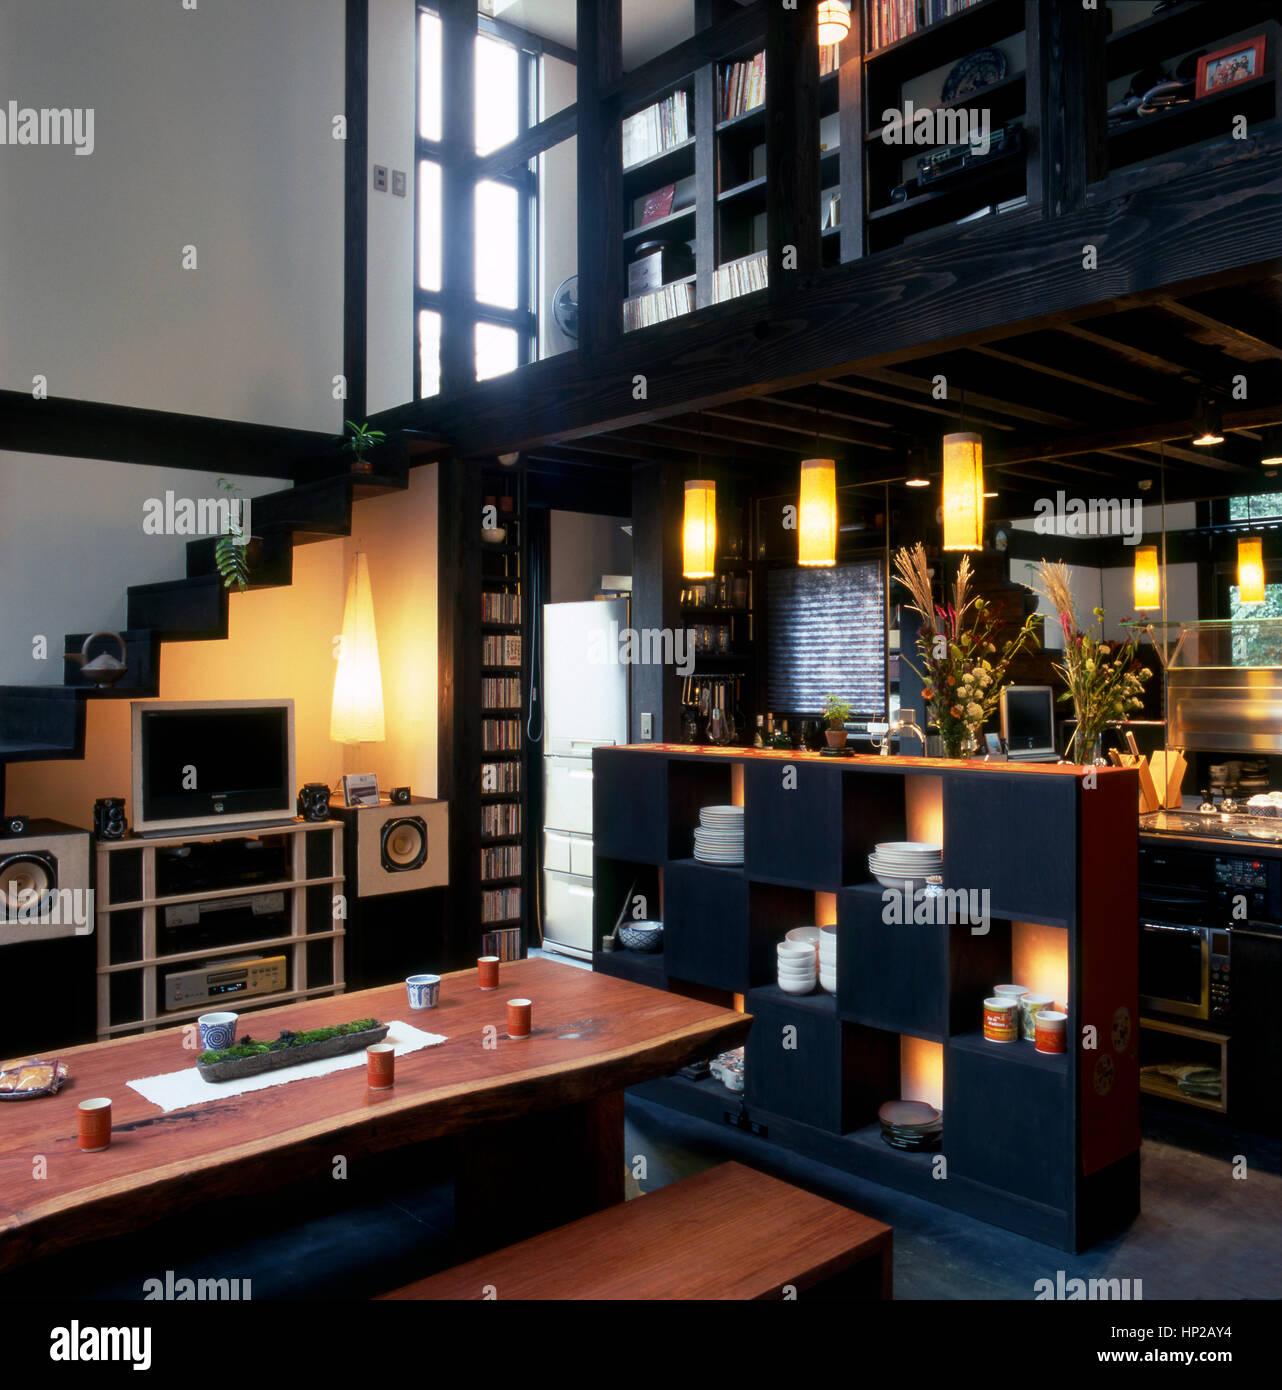 Wohnzimmer Open Space In Einem Japanischen Haus In Tokio Japan